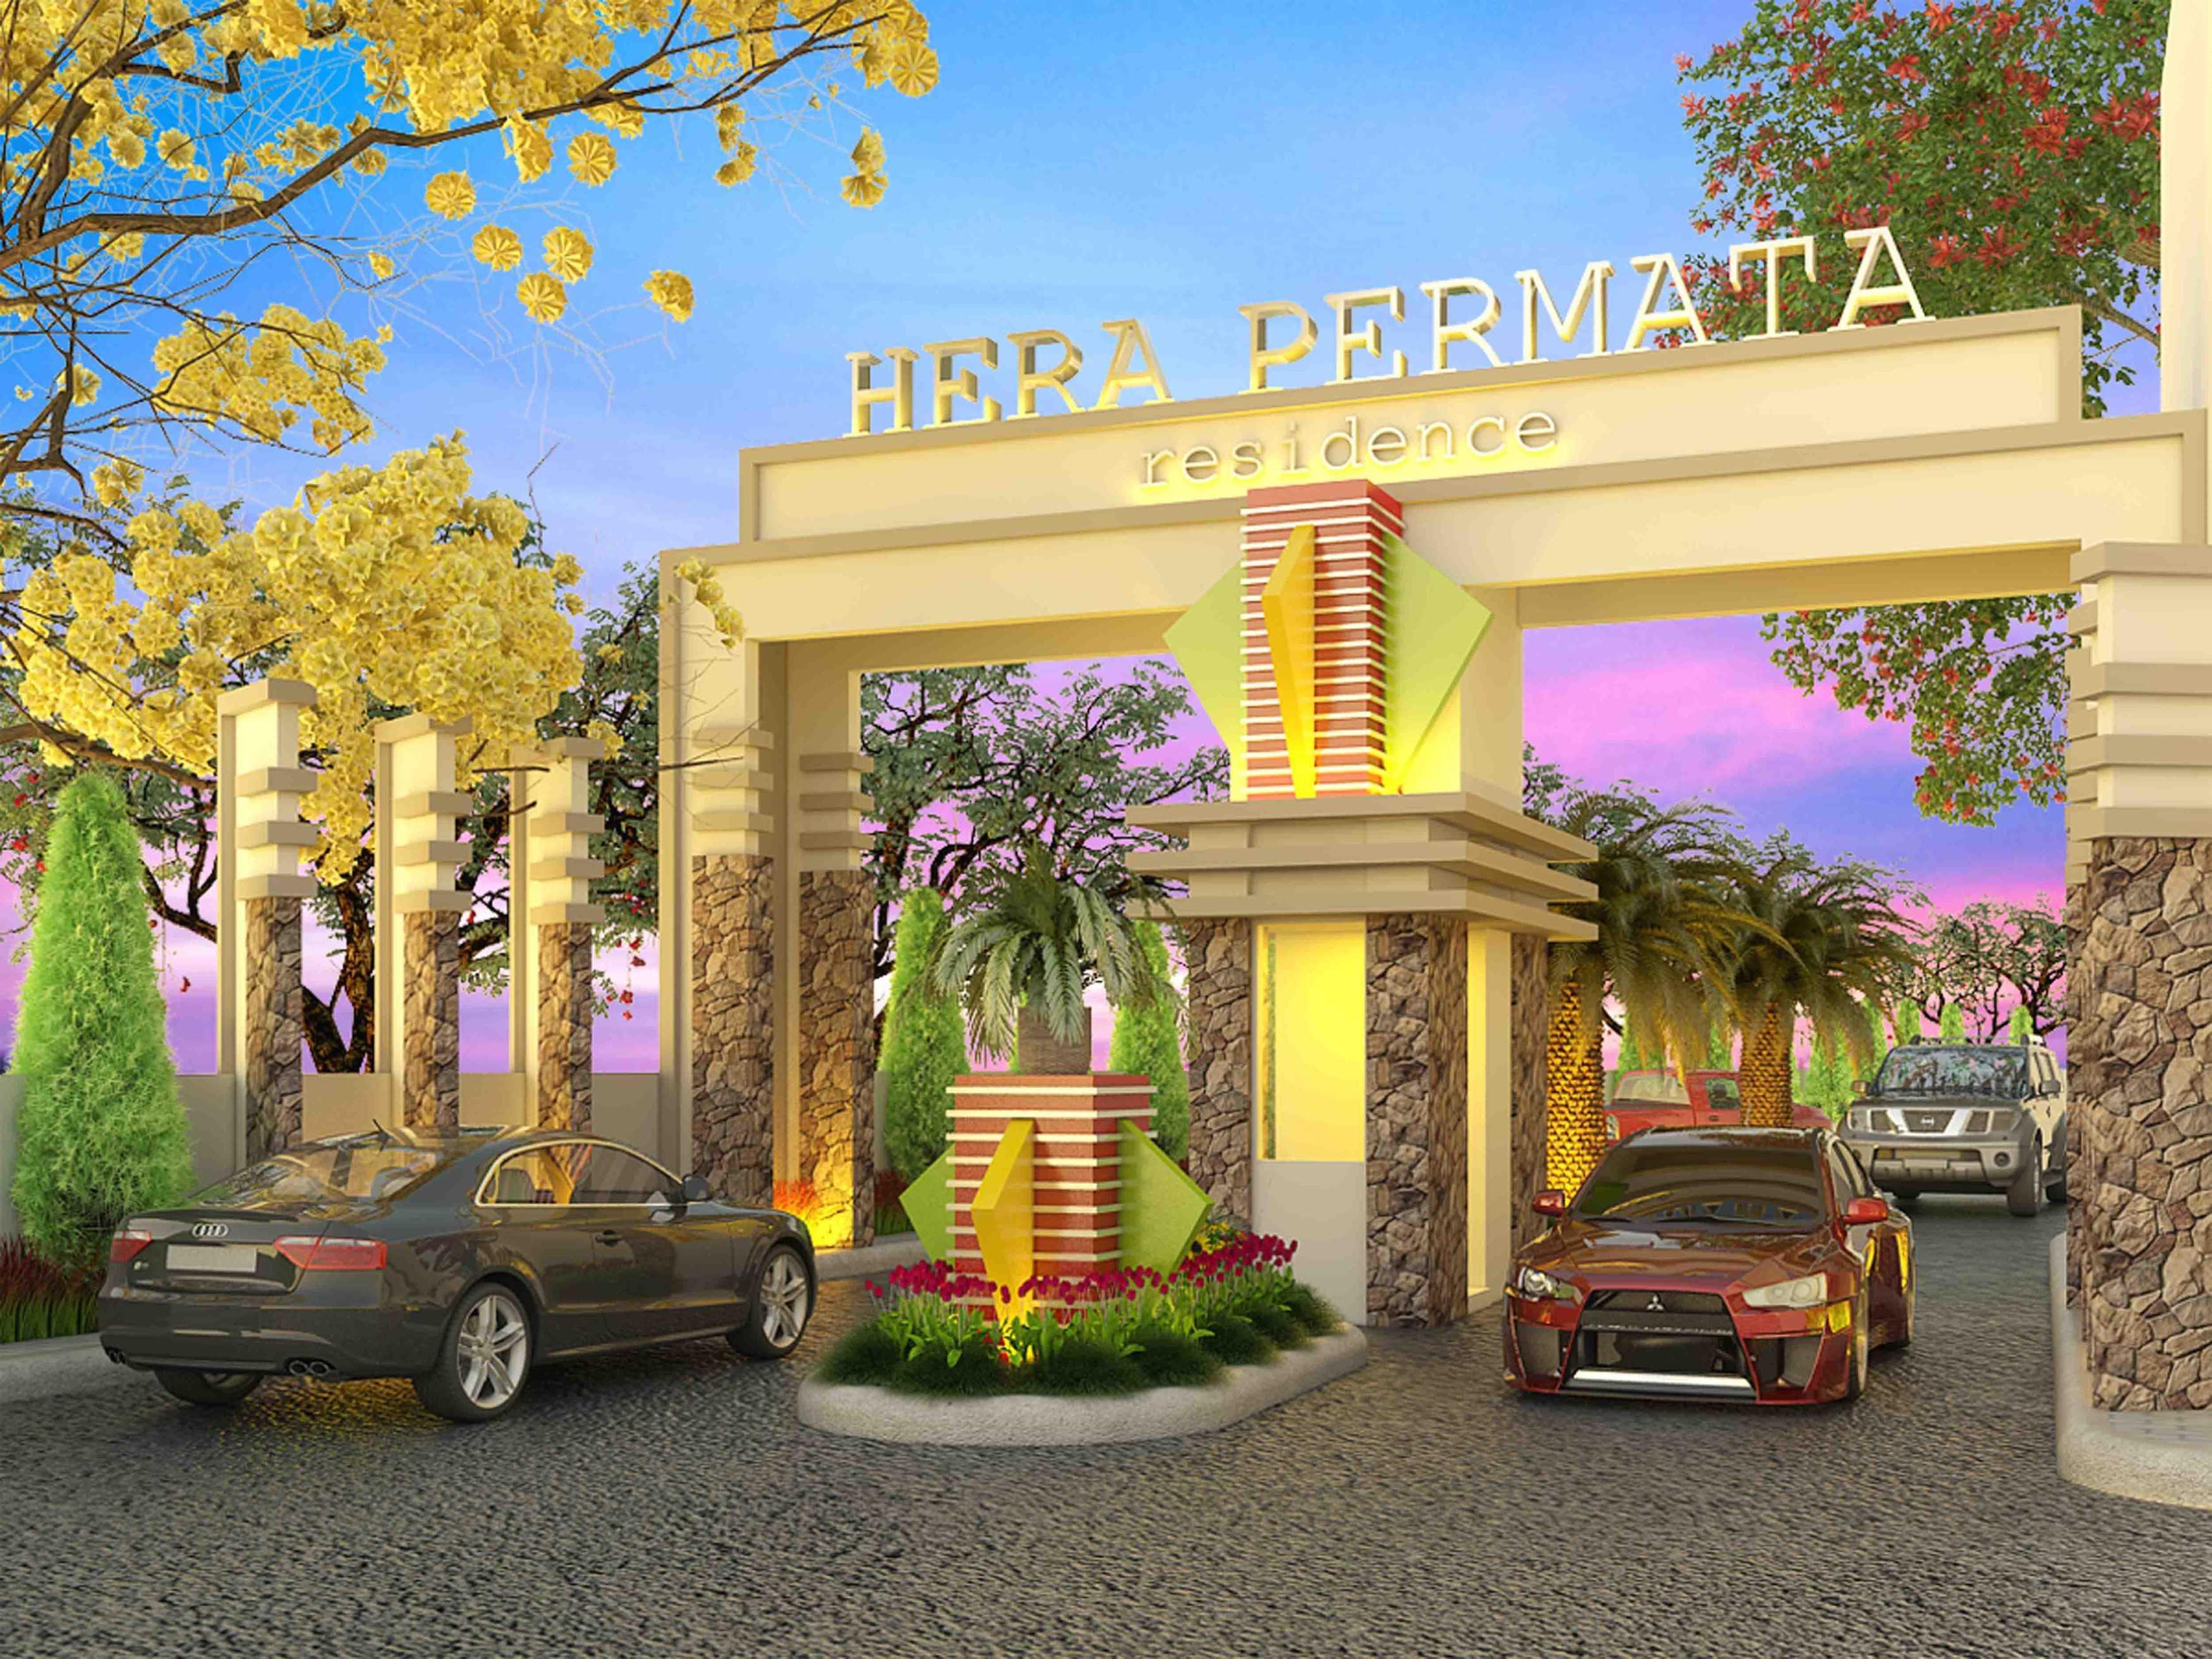 A2M Architect Indo Hera Permata Residence Balikpapan Kota Balikpapan, Kalimantan Timur, Indonesia Kota Balikpapan, Kalimantan Timur, Indonesia Entrance Area   43668